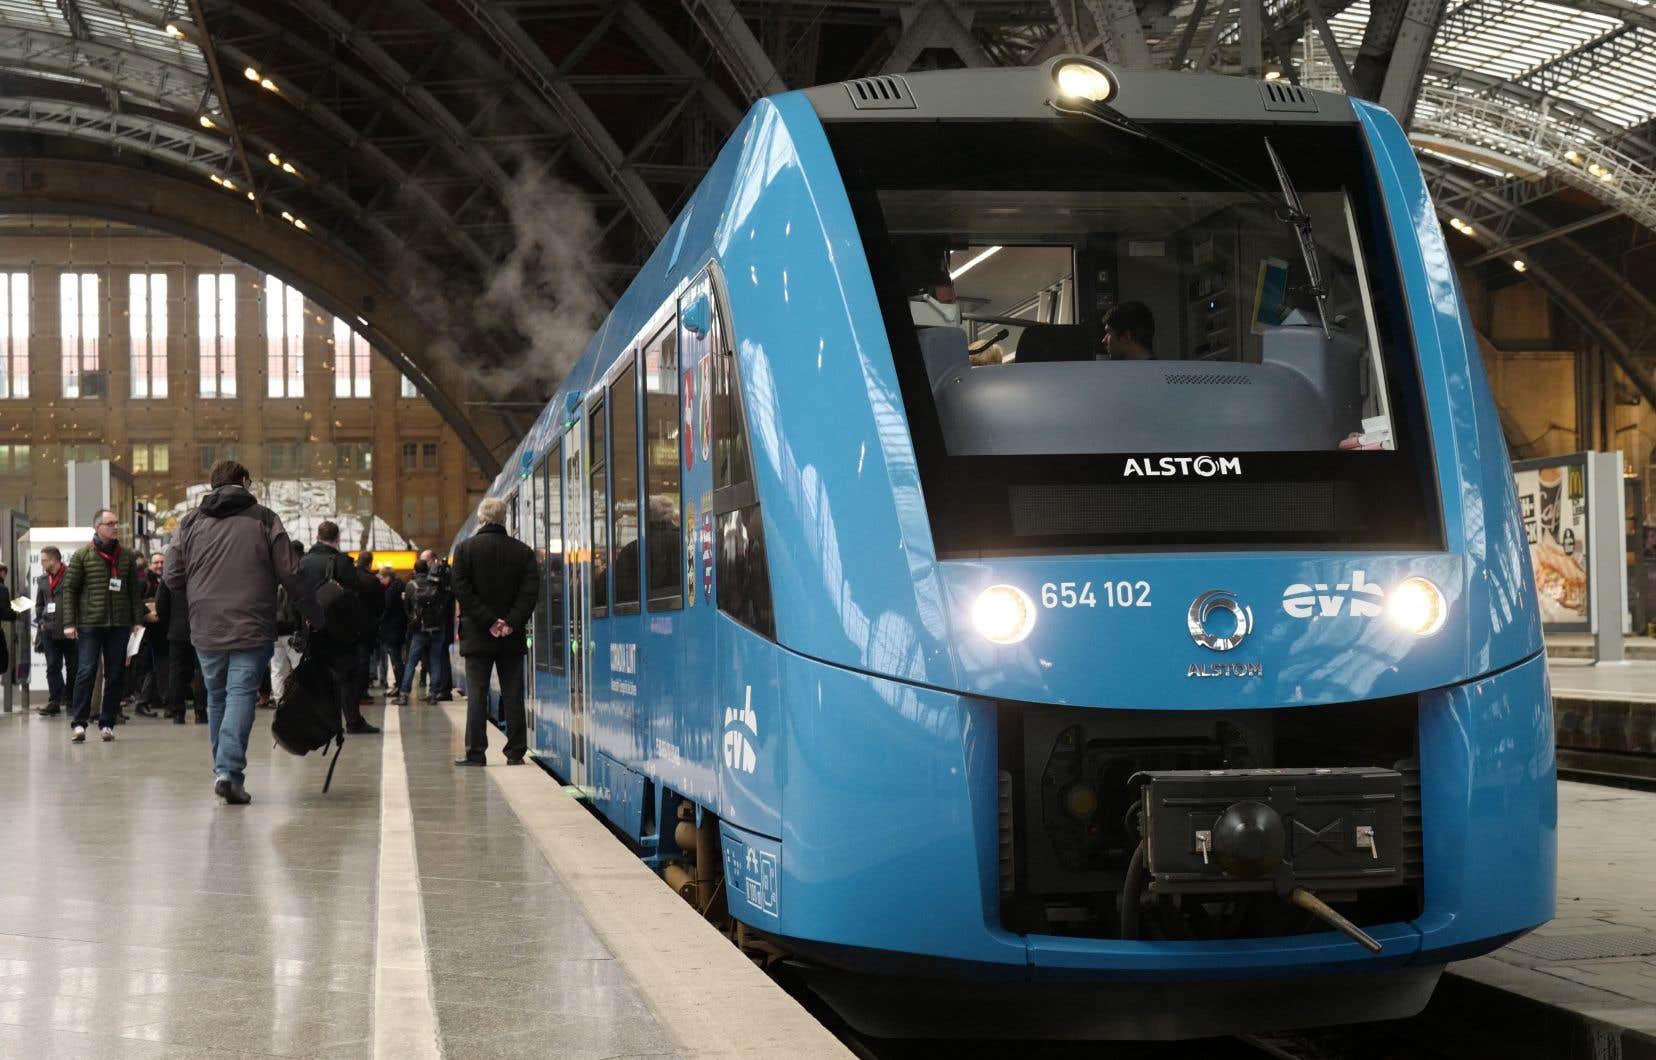 En Europe, des trains, des camions et des autobus roulent déjà à l'hydrogène. Ici, des passagers montent dans un train alimenté par une pile à hydrogène à la gare de Leipzig, en Allemagne.